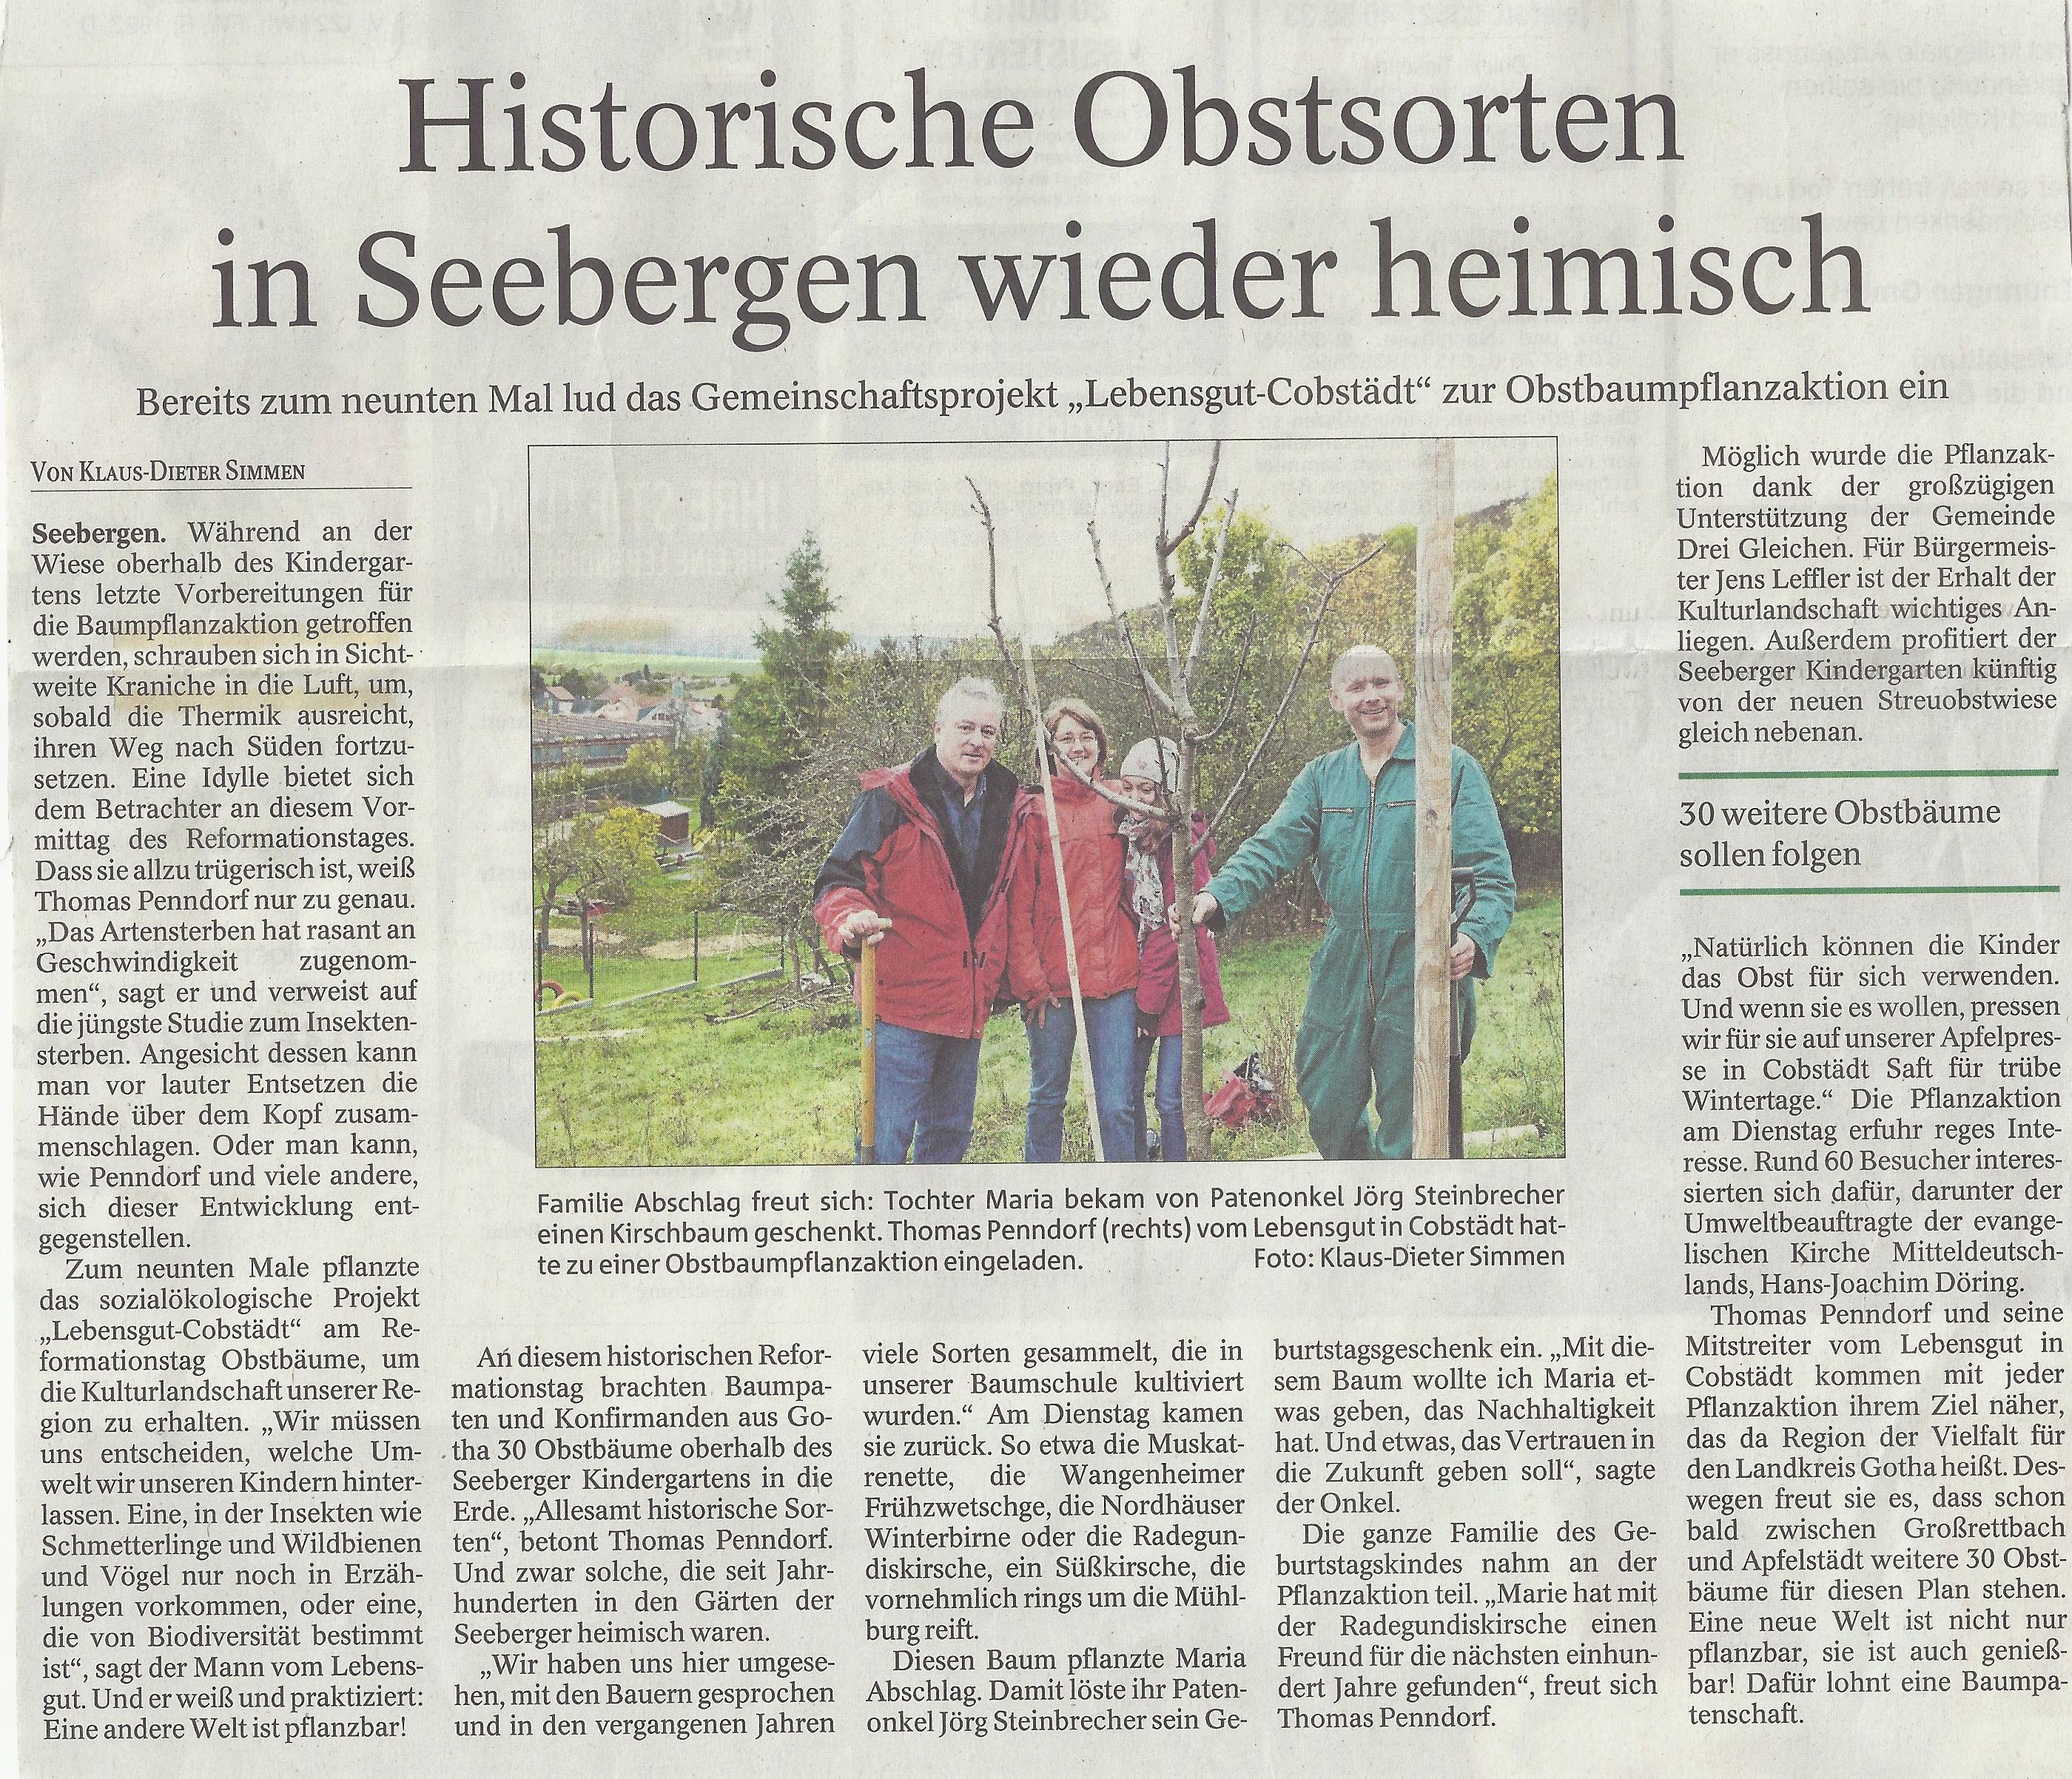 Historische Obstsorten in Seebergen wieder heimisch (2017)